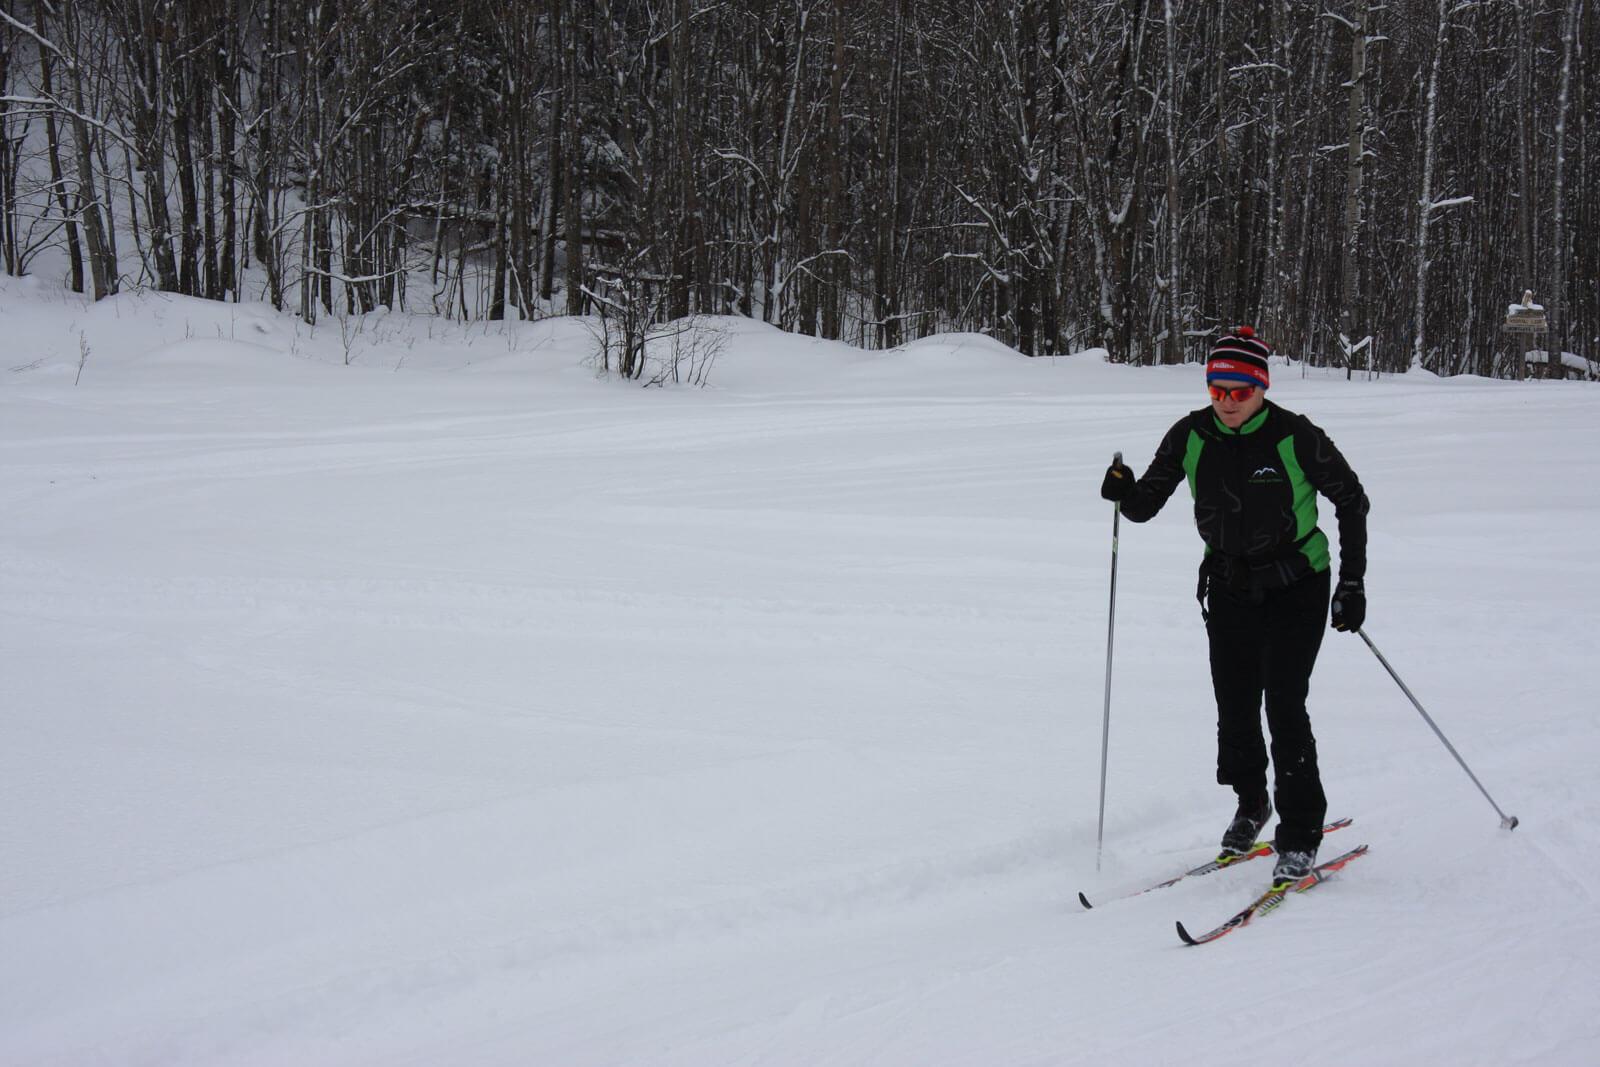 Tuesday night skinny ski